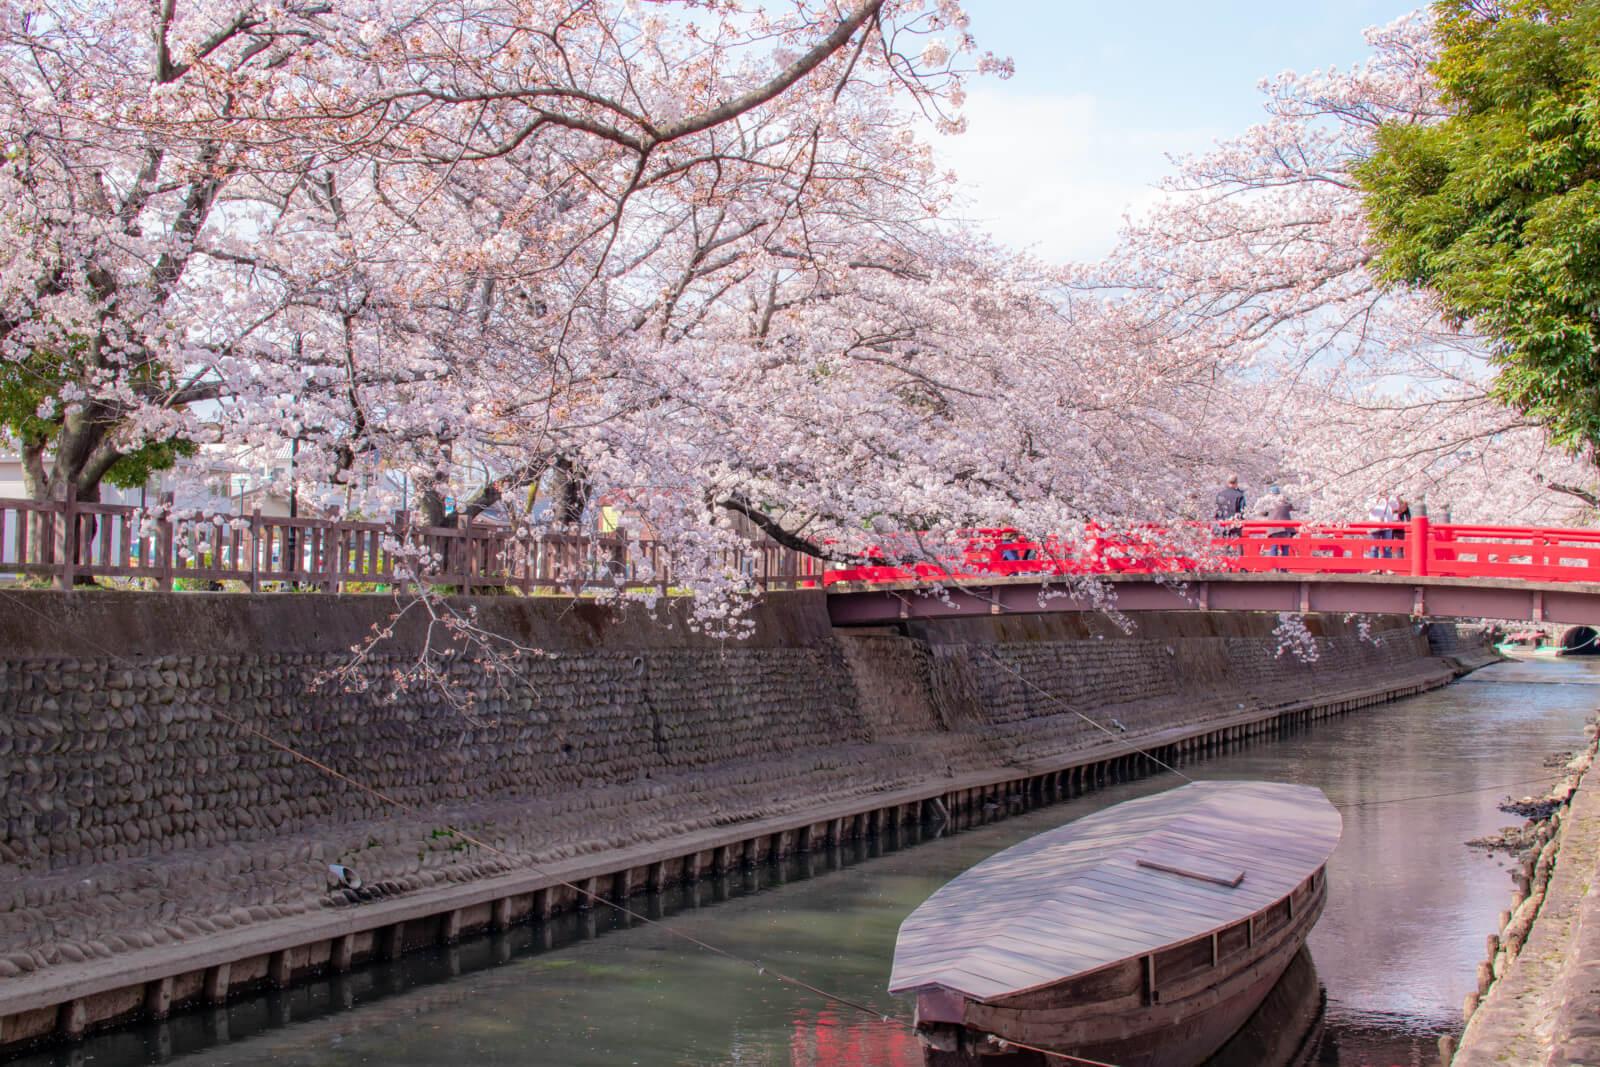 桜と水門川の赤い橋と舟